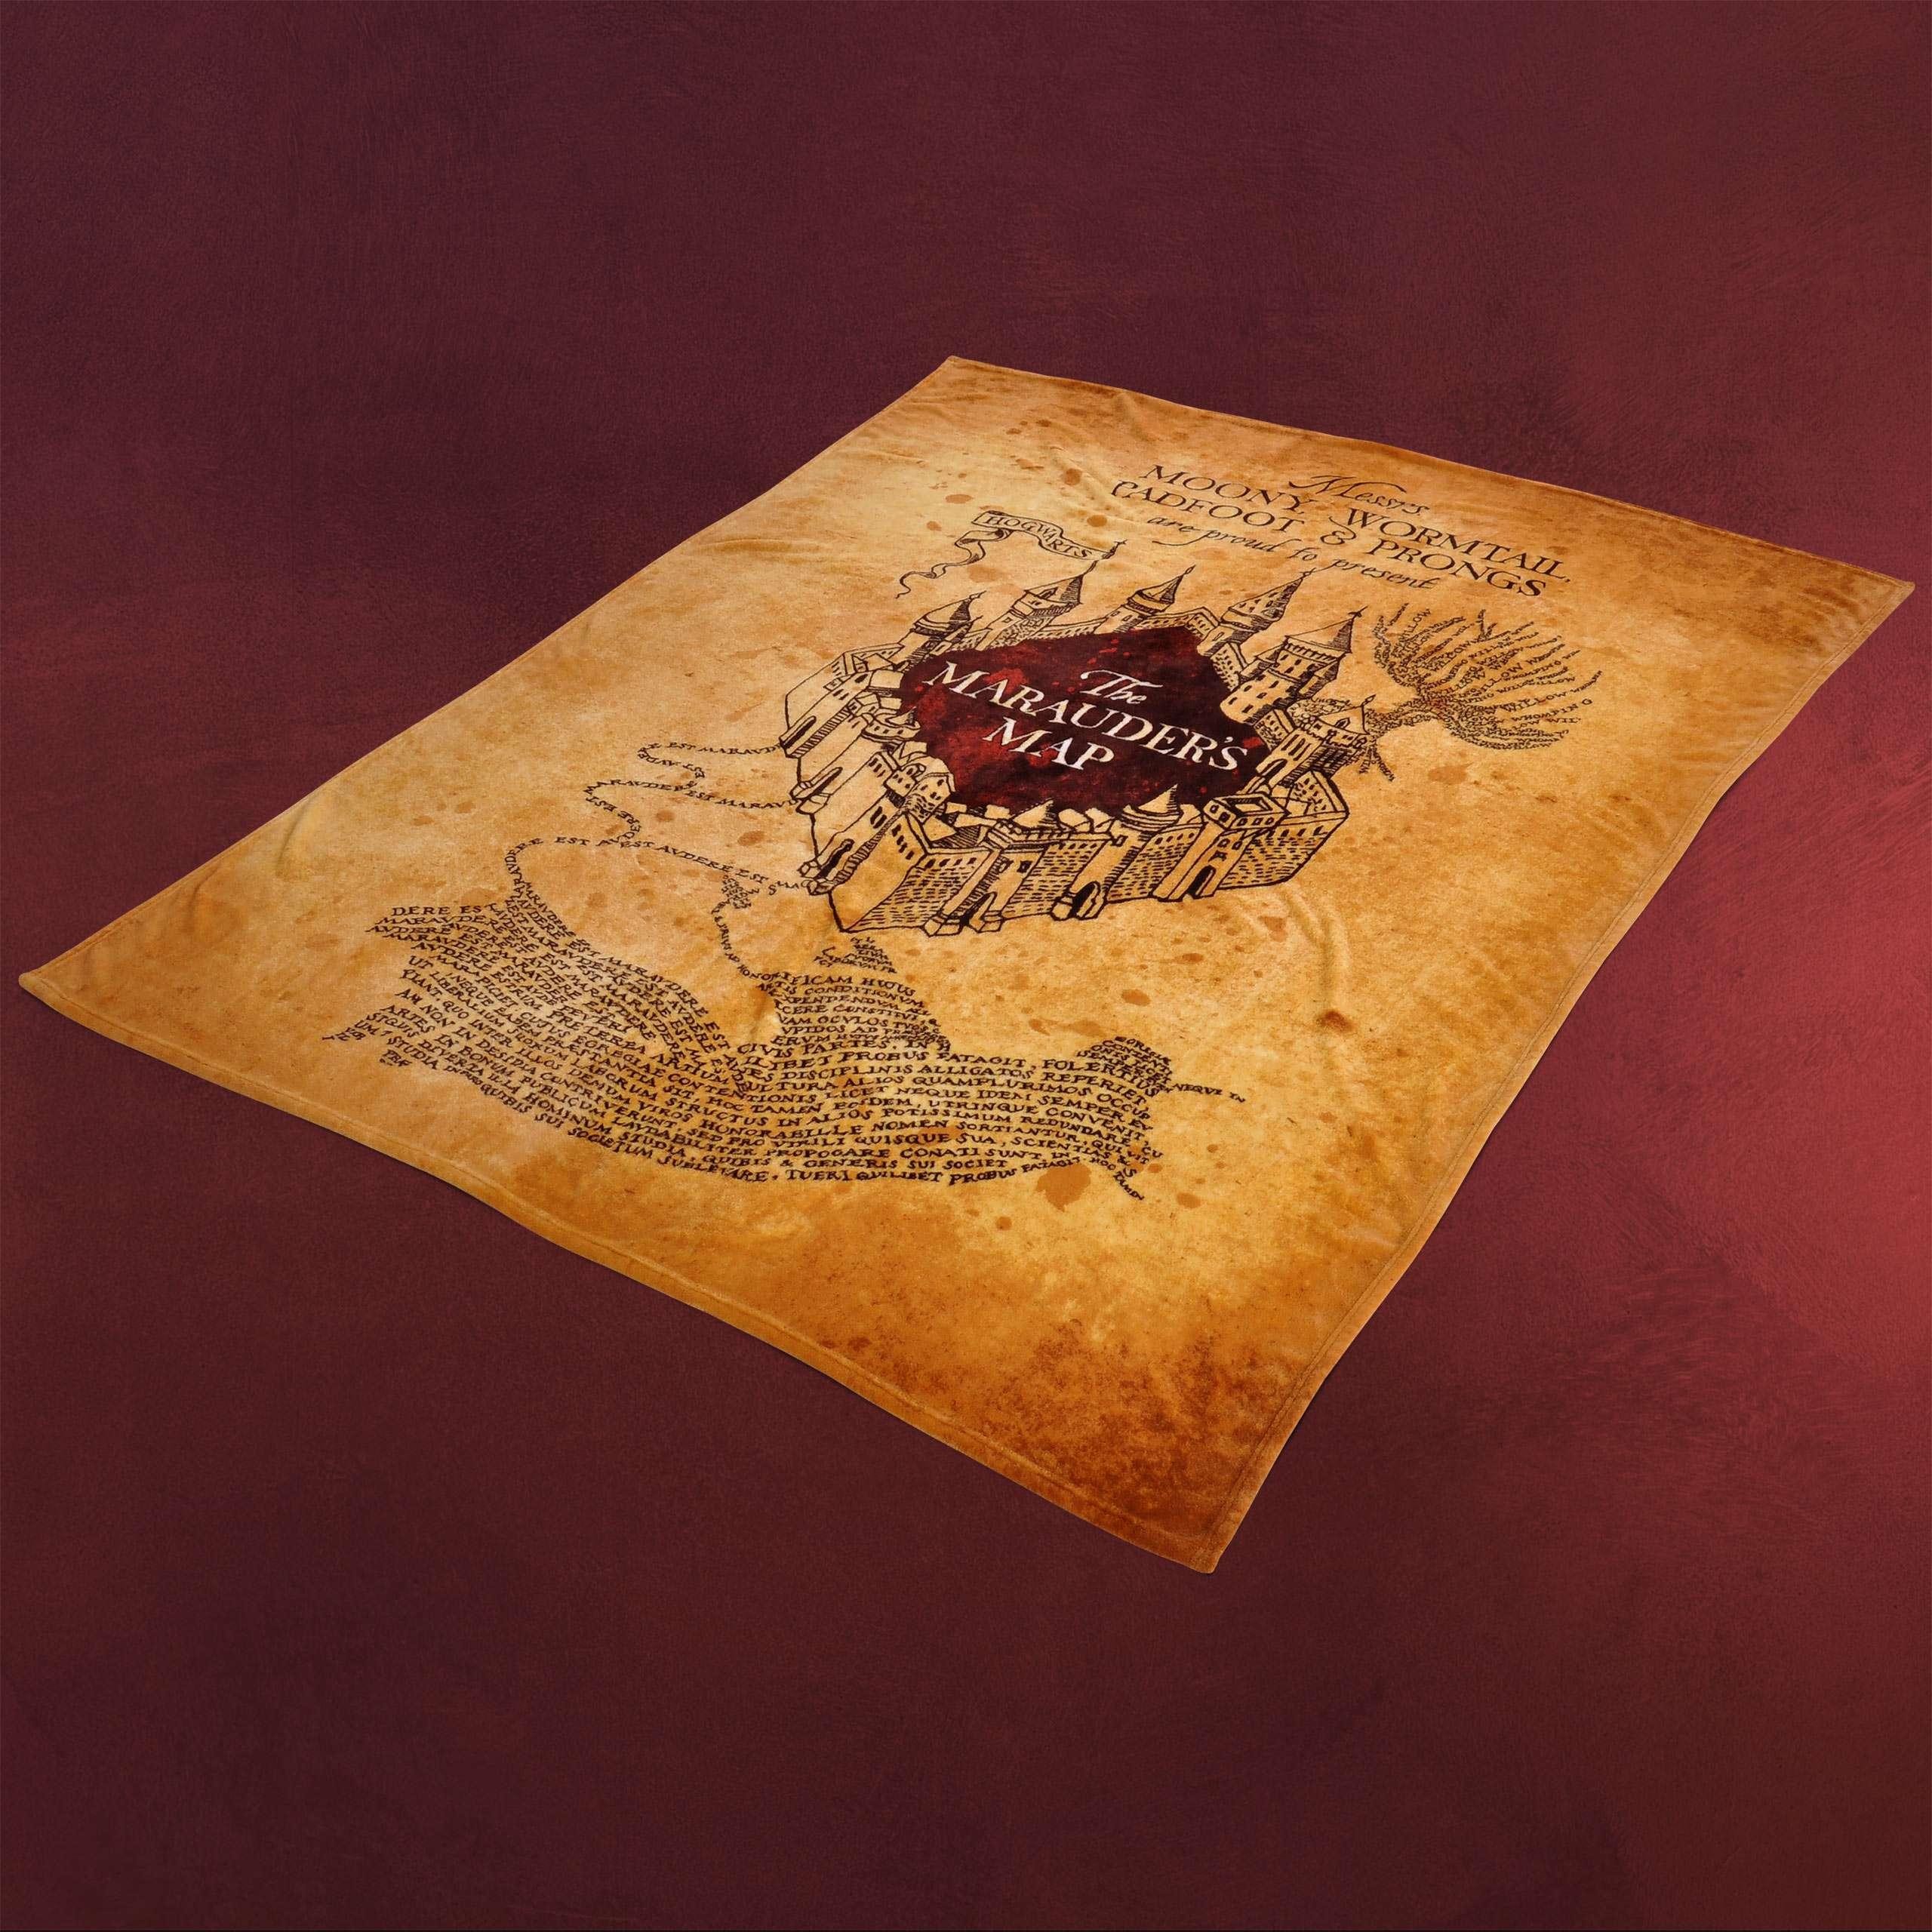 Karte Des Rumtreibers.Harry Potter Karte Des Rumtreibers Flauschdecke